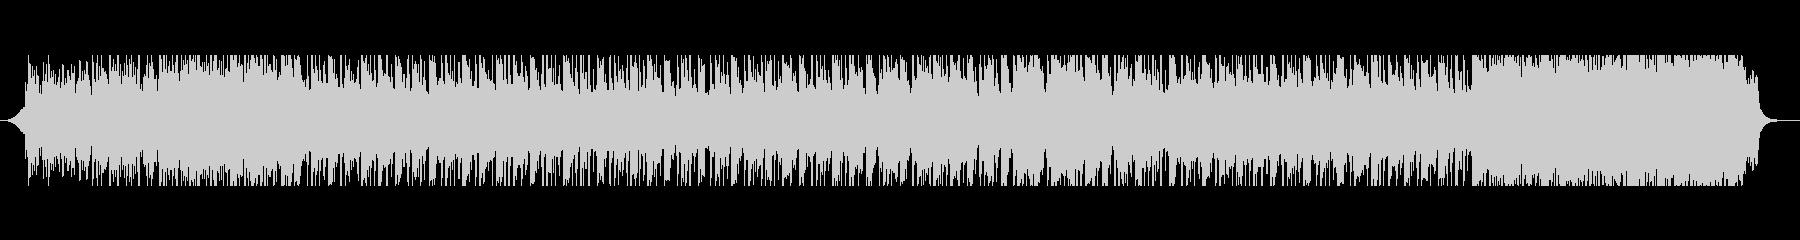 プリンスオブペルシャの未再生の波形